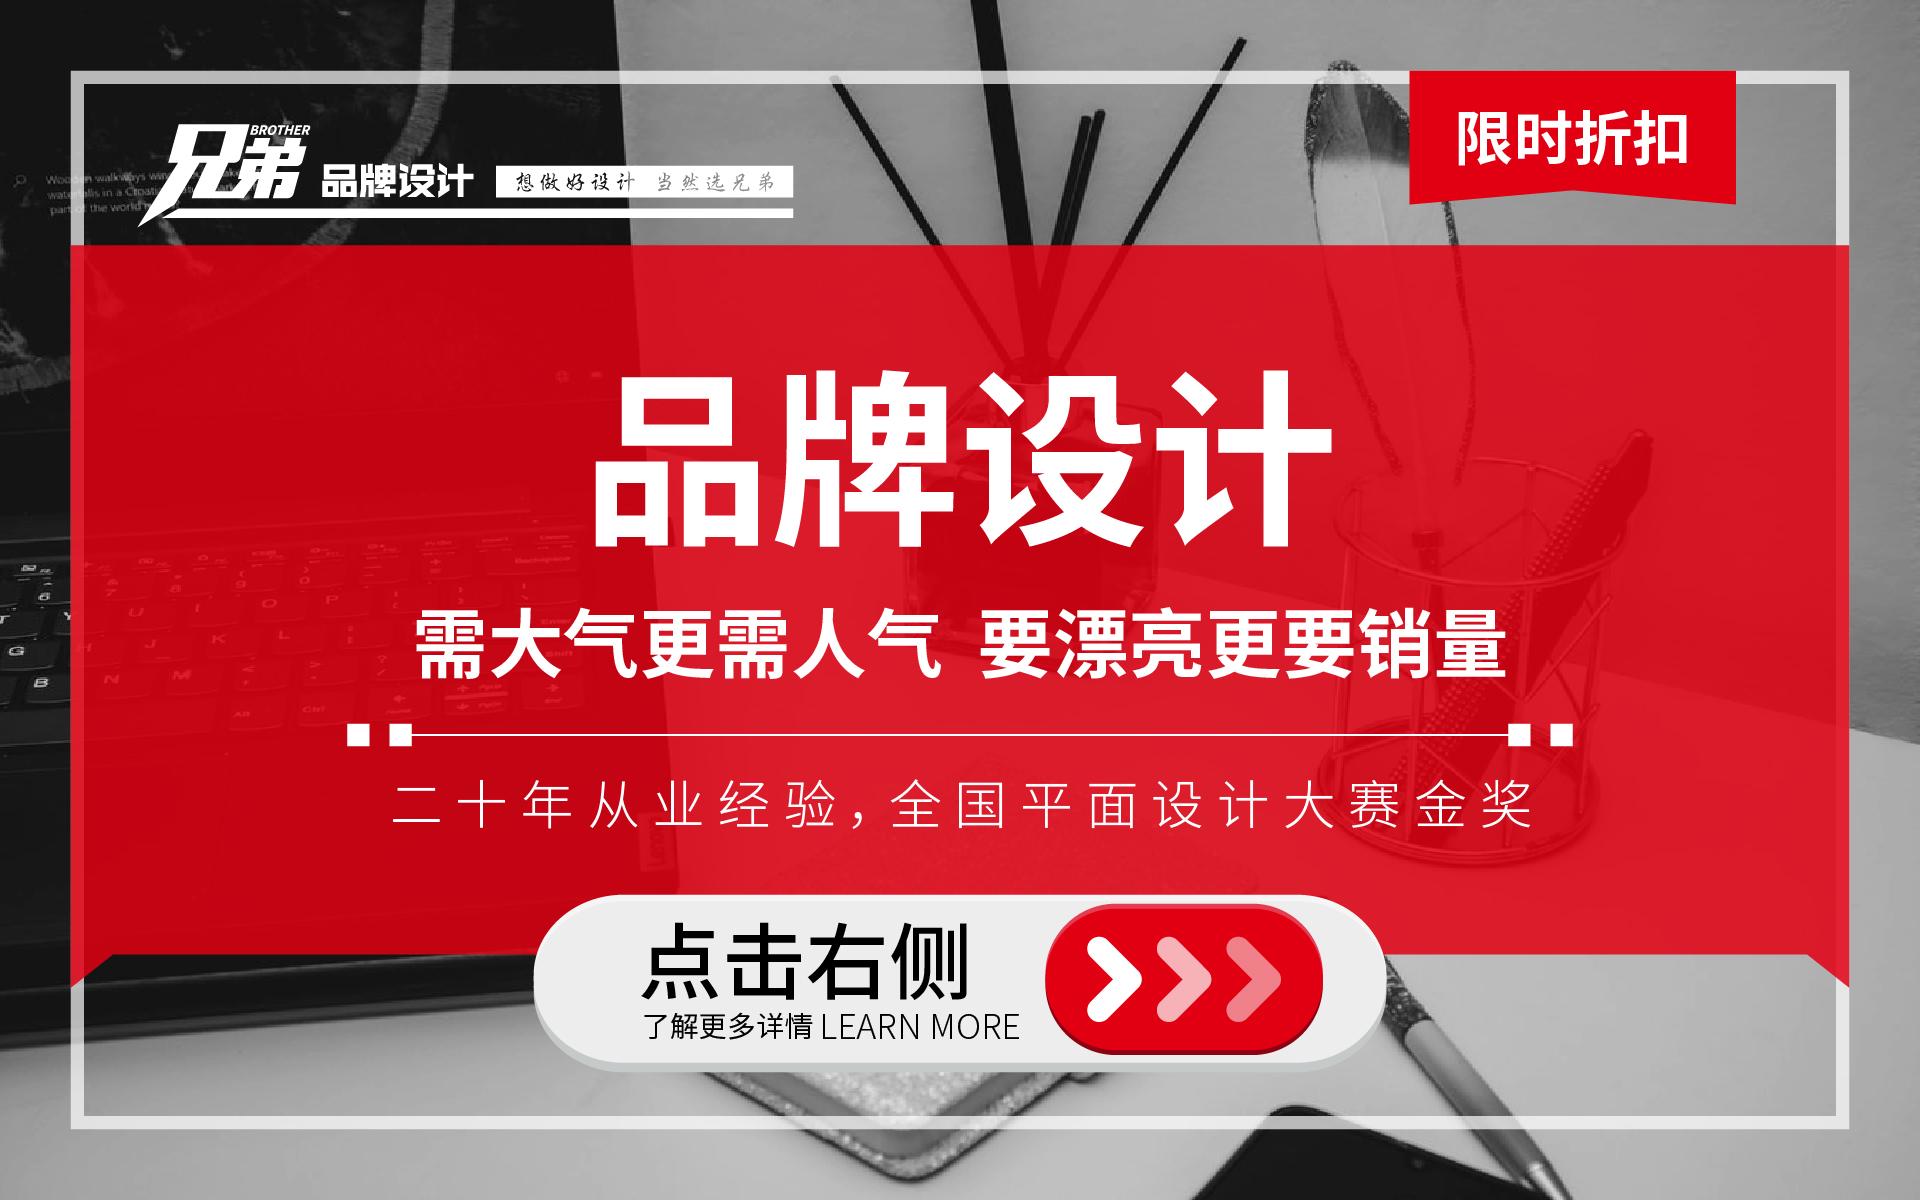 电子行业家电Logo设计产品企业协会LOGO网站图像时尚标志